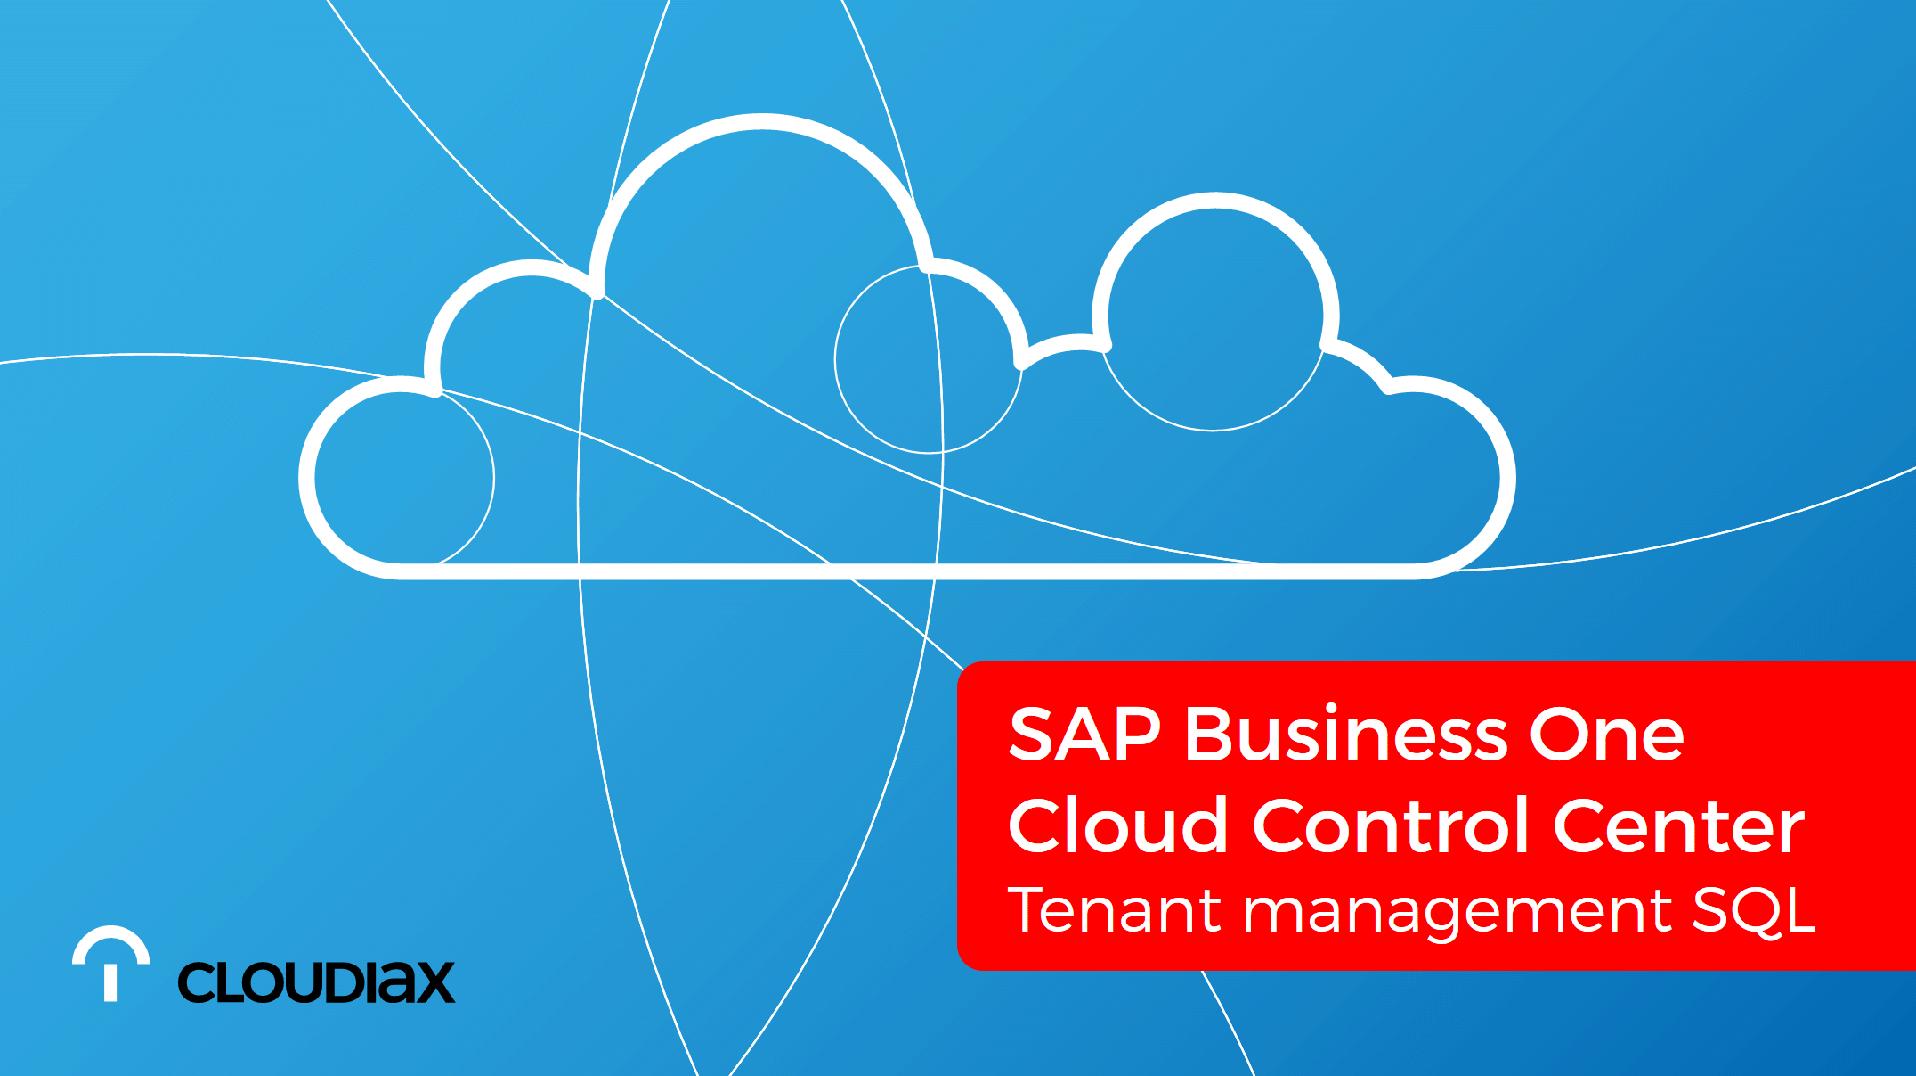 SAP Business One Cloud Control Center - Tenant management SQL